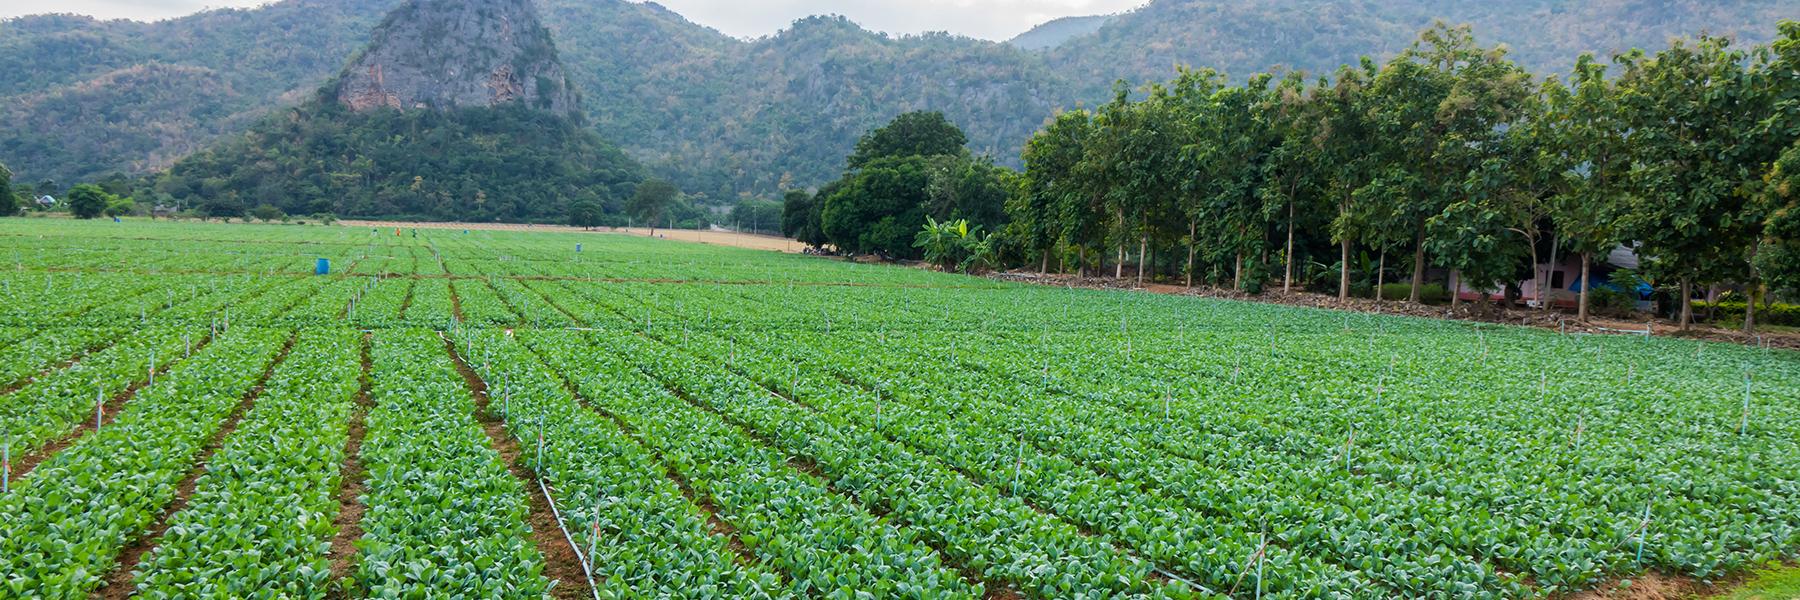 Root vegetables harvest nutrients